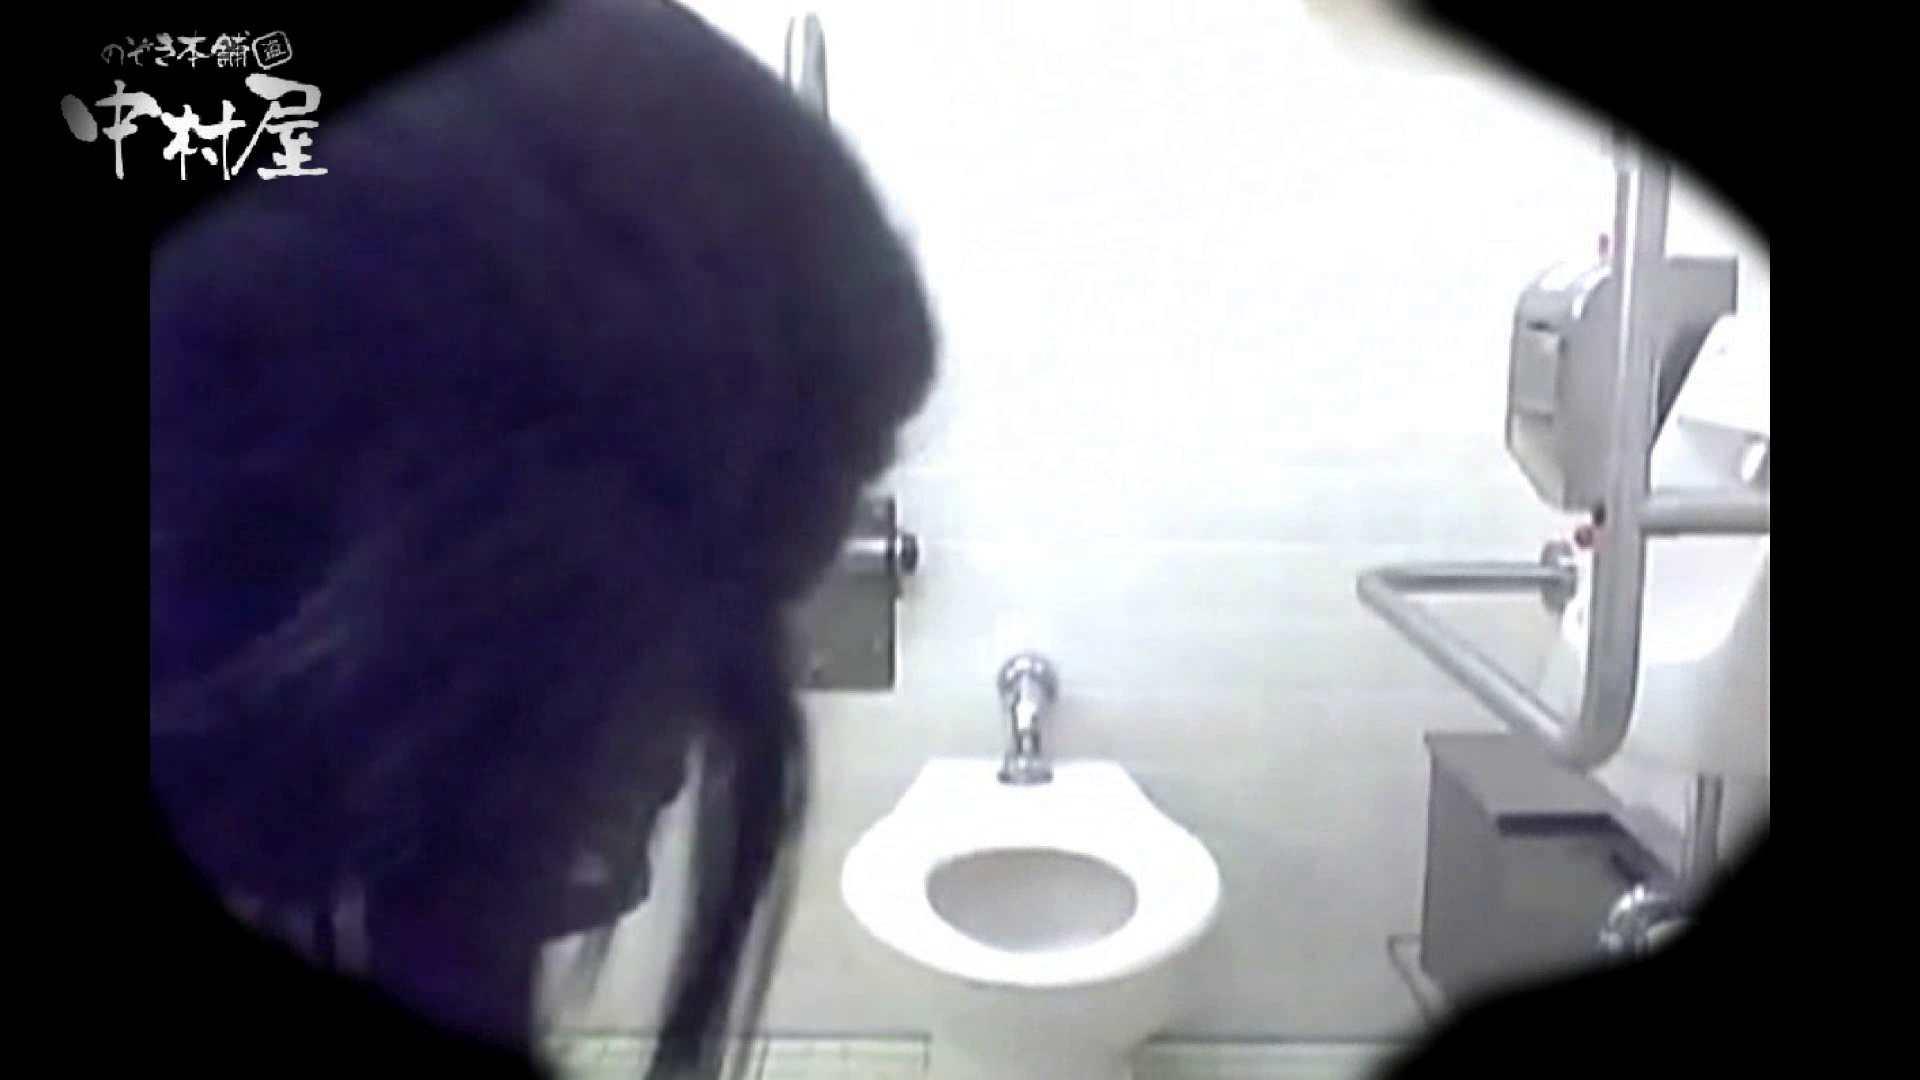 teen galトイレ覗き紙がナイ編‼vol.10 トイレ | 浴衣 盗撮 100PIX 52